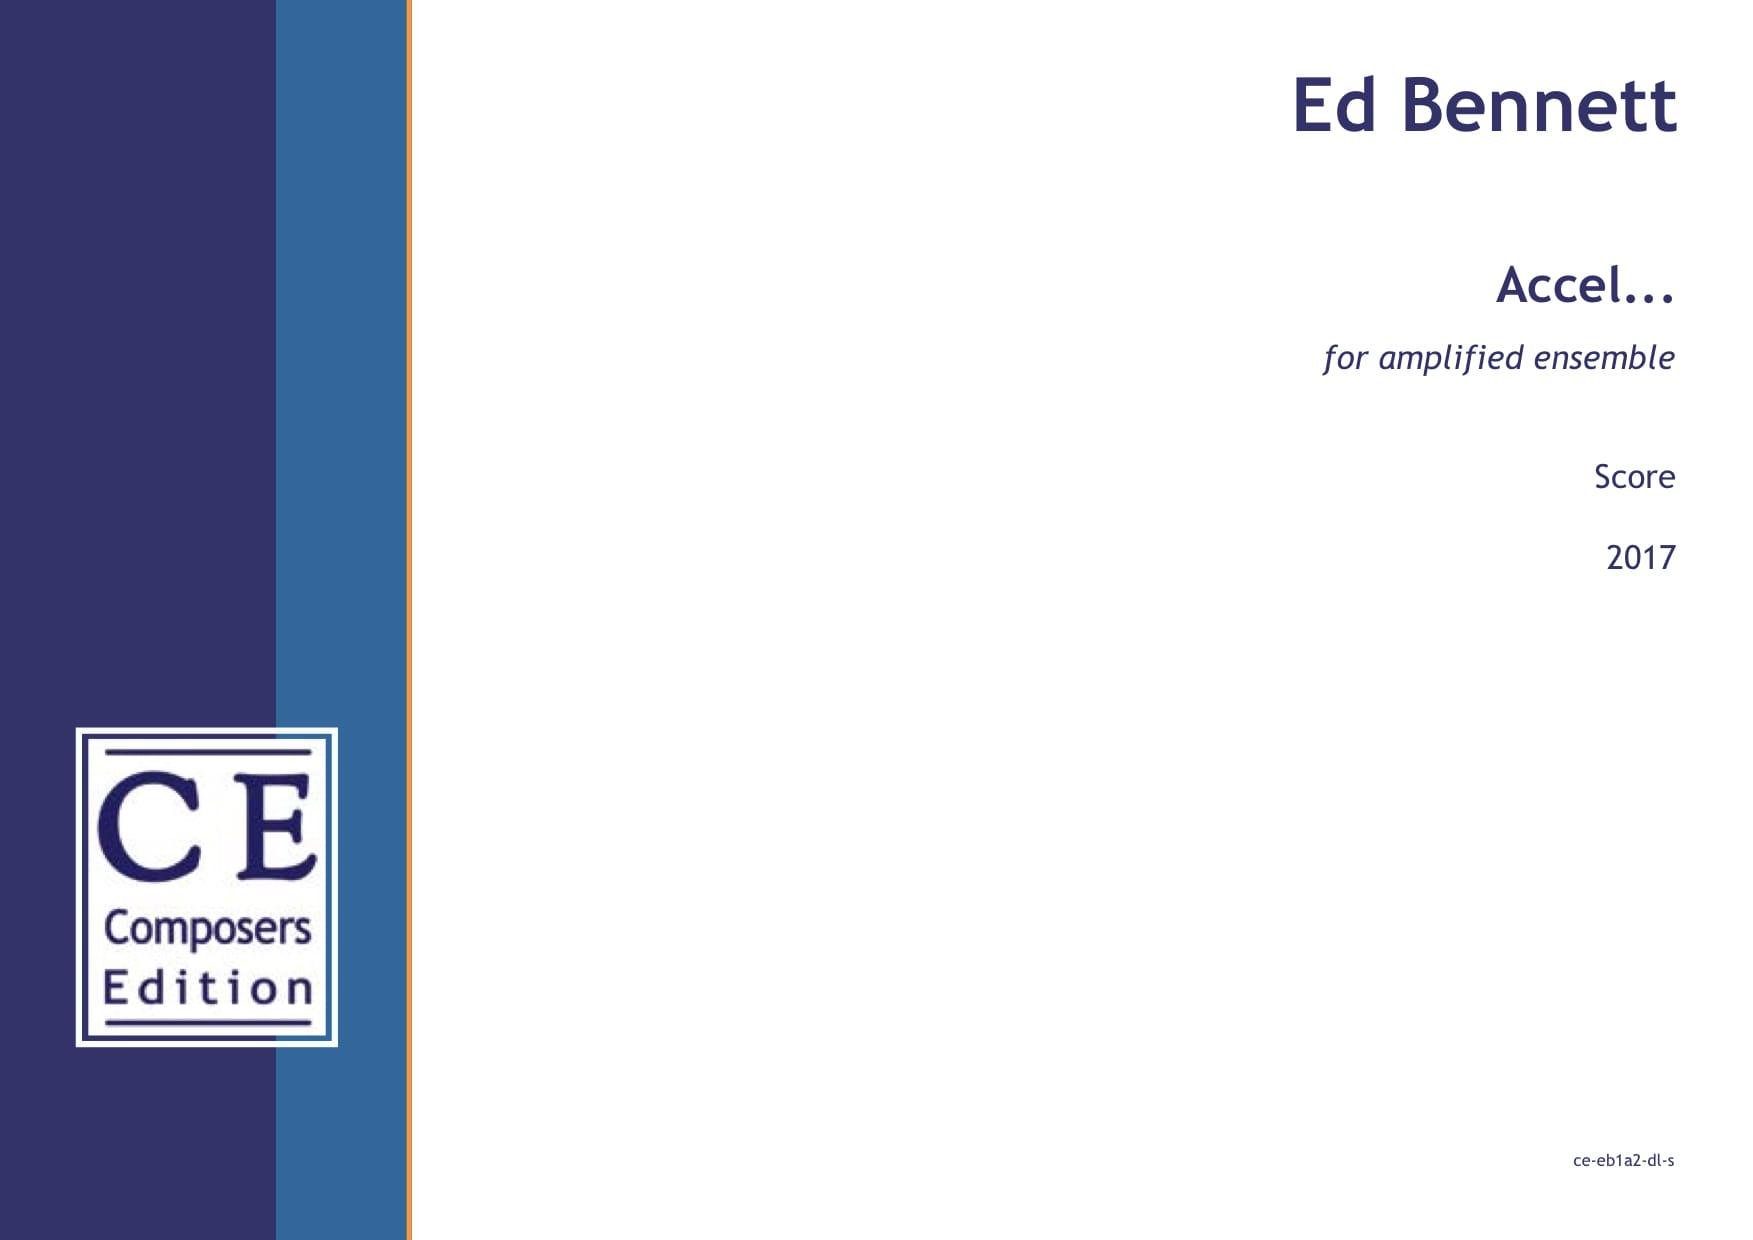 Ed Bennett: Accel... for amplified ensemble